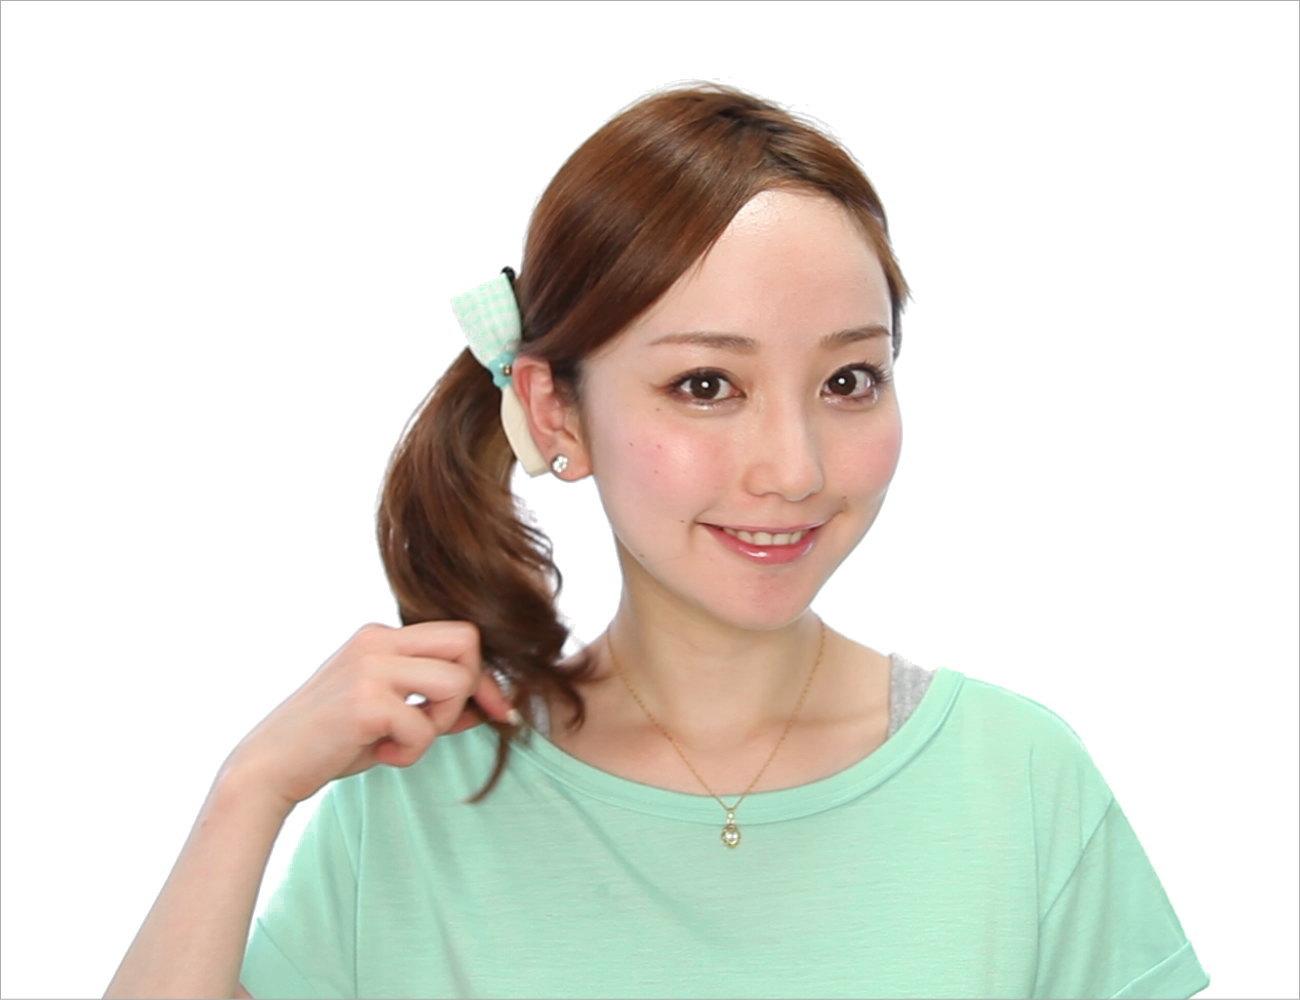 リボン型バナナクリップを使った編み込みヘア